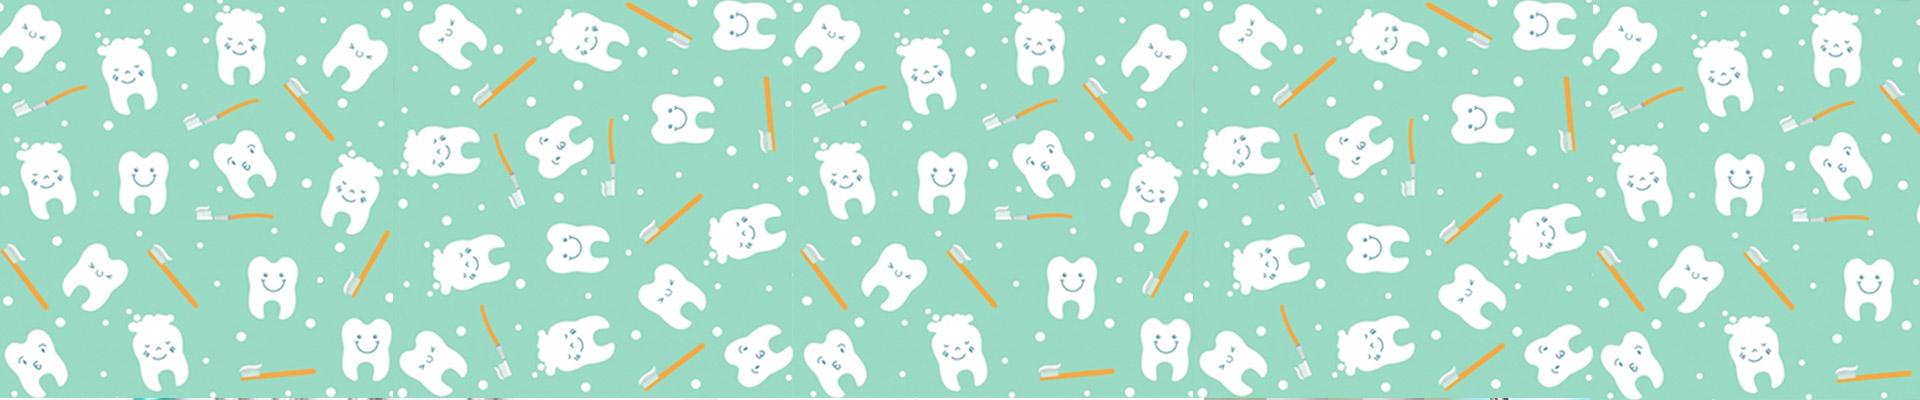 Diş hekimiyle ilk tanışma